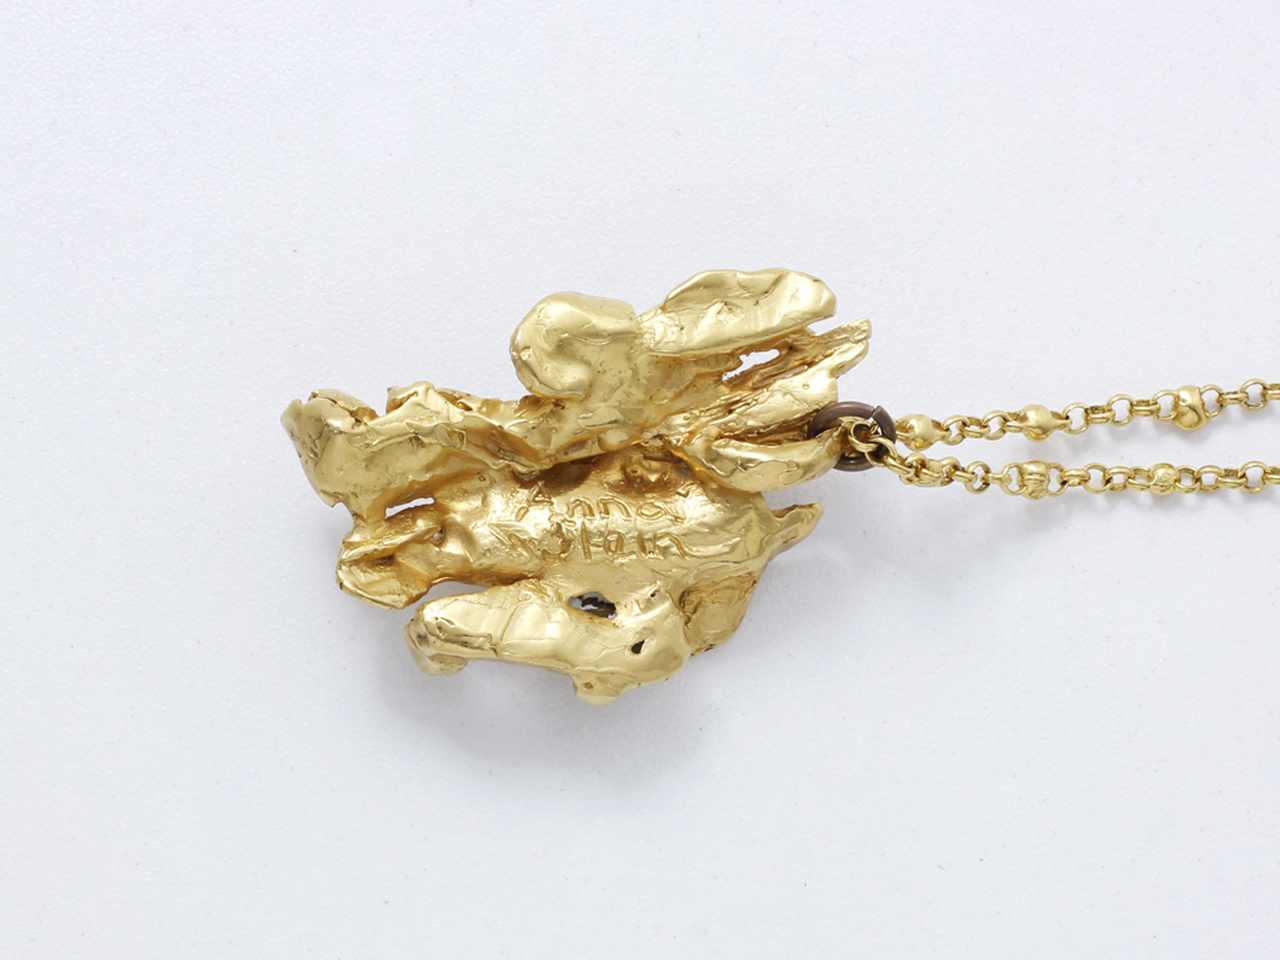 Lot 43 - ANNA STEIN Pendentif en métal doré amati, représentant un motif brut de [...]